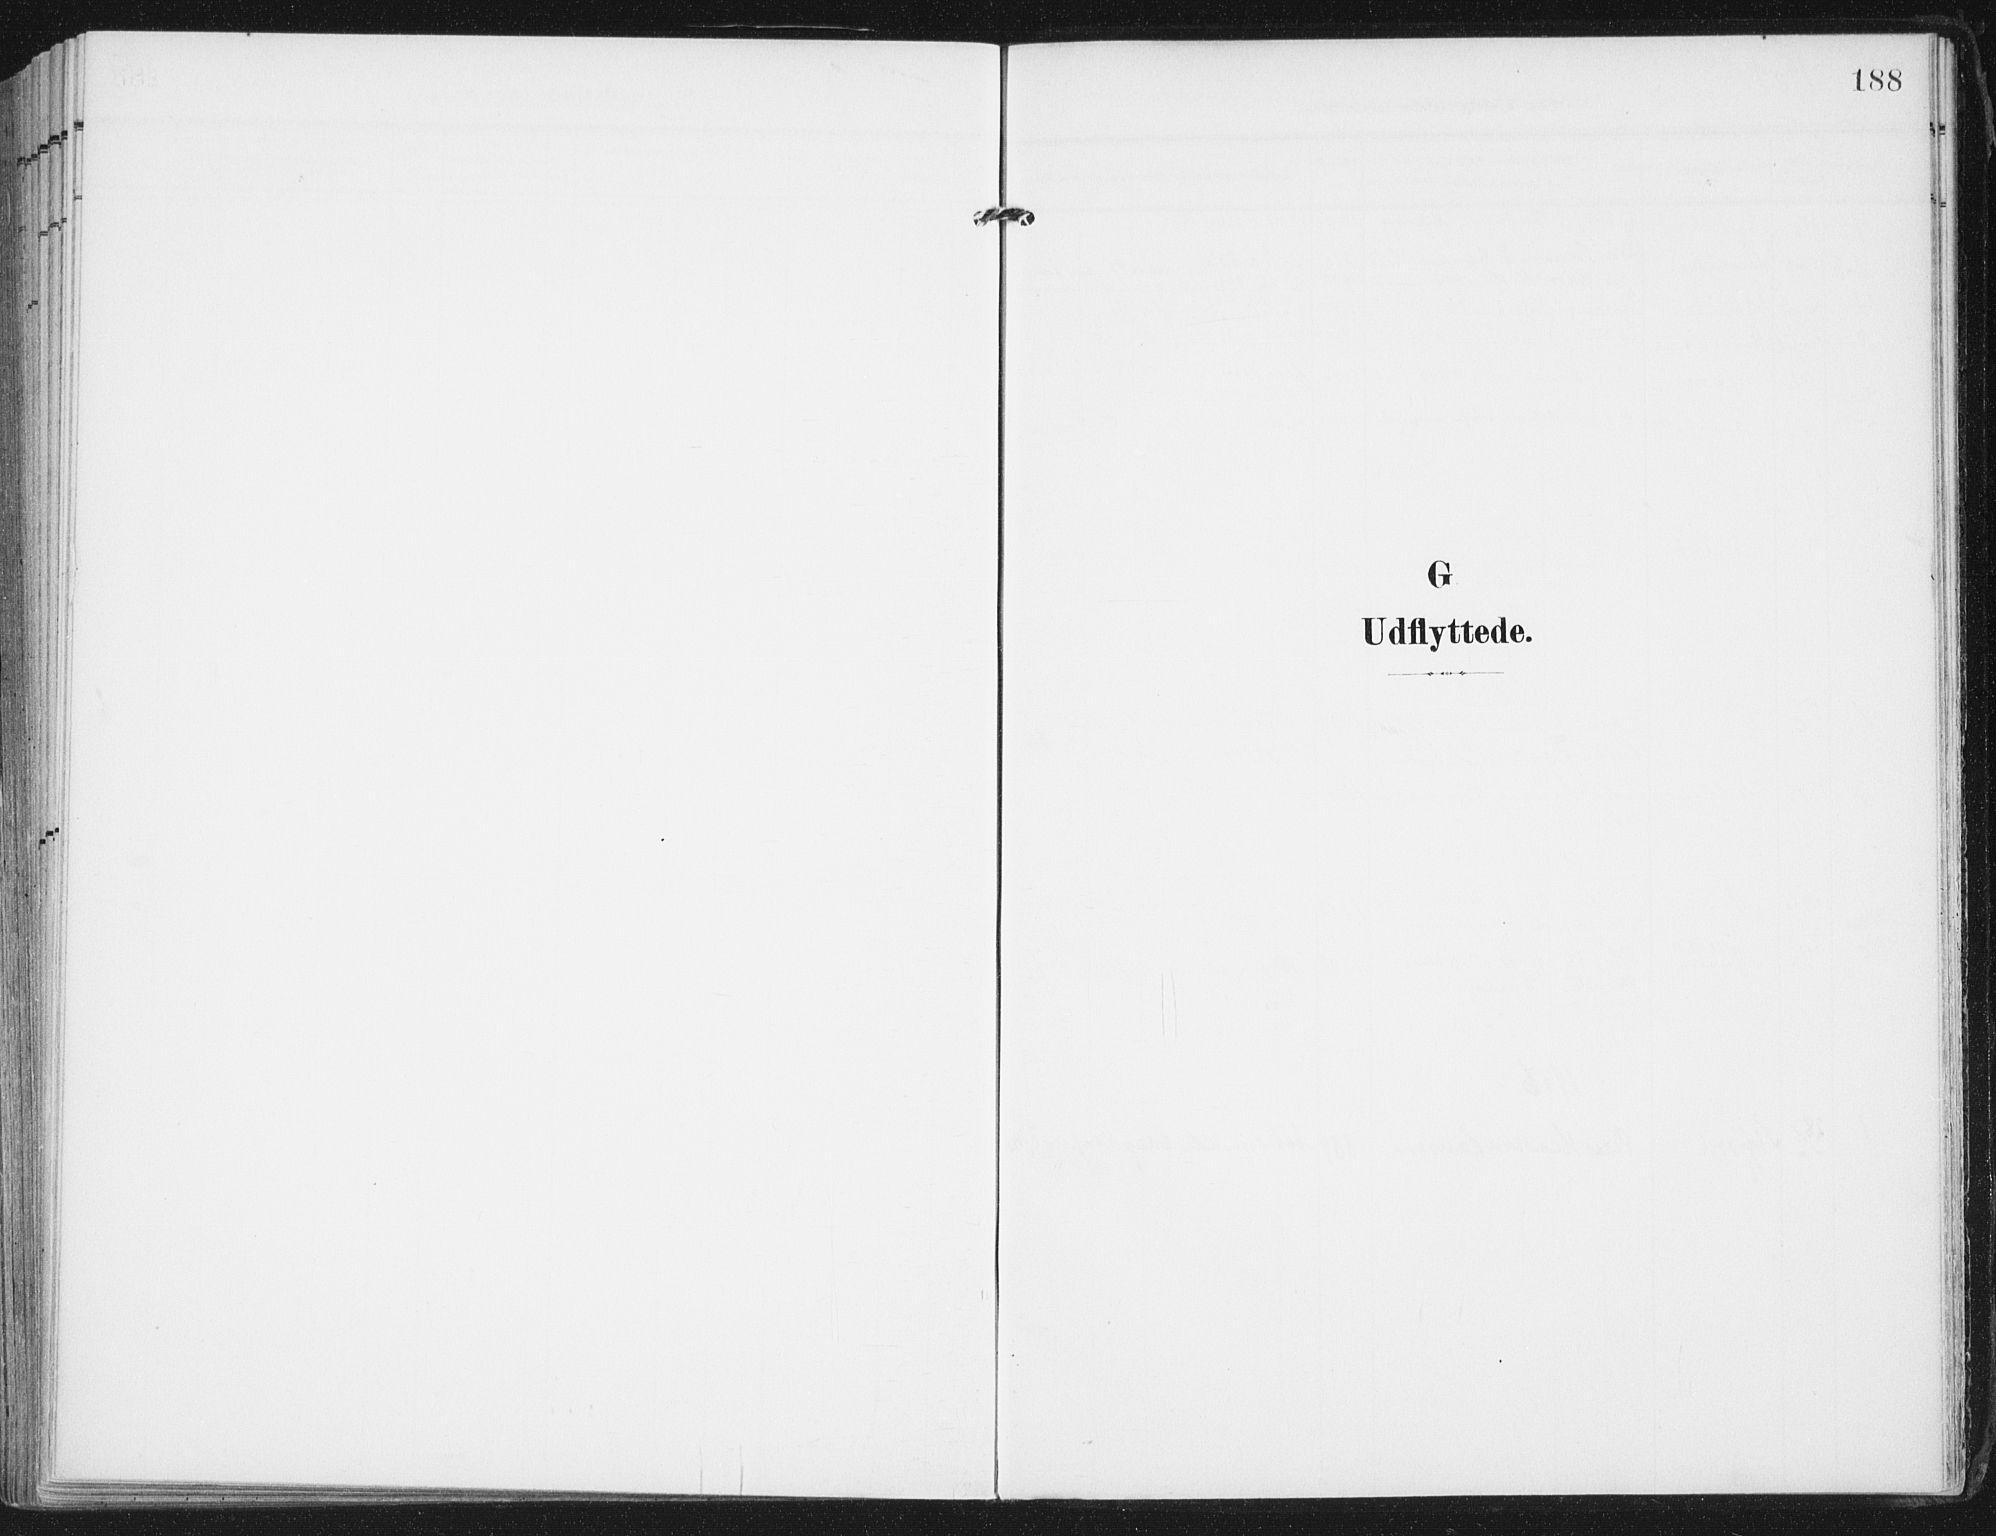 SAT, Ministerialprotokoller, klokkerbøker og fødselsregistre - Nordland, 892/L1321: Parish register (official) no. 892A02, 1902-1918, p. 188